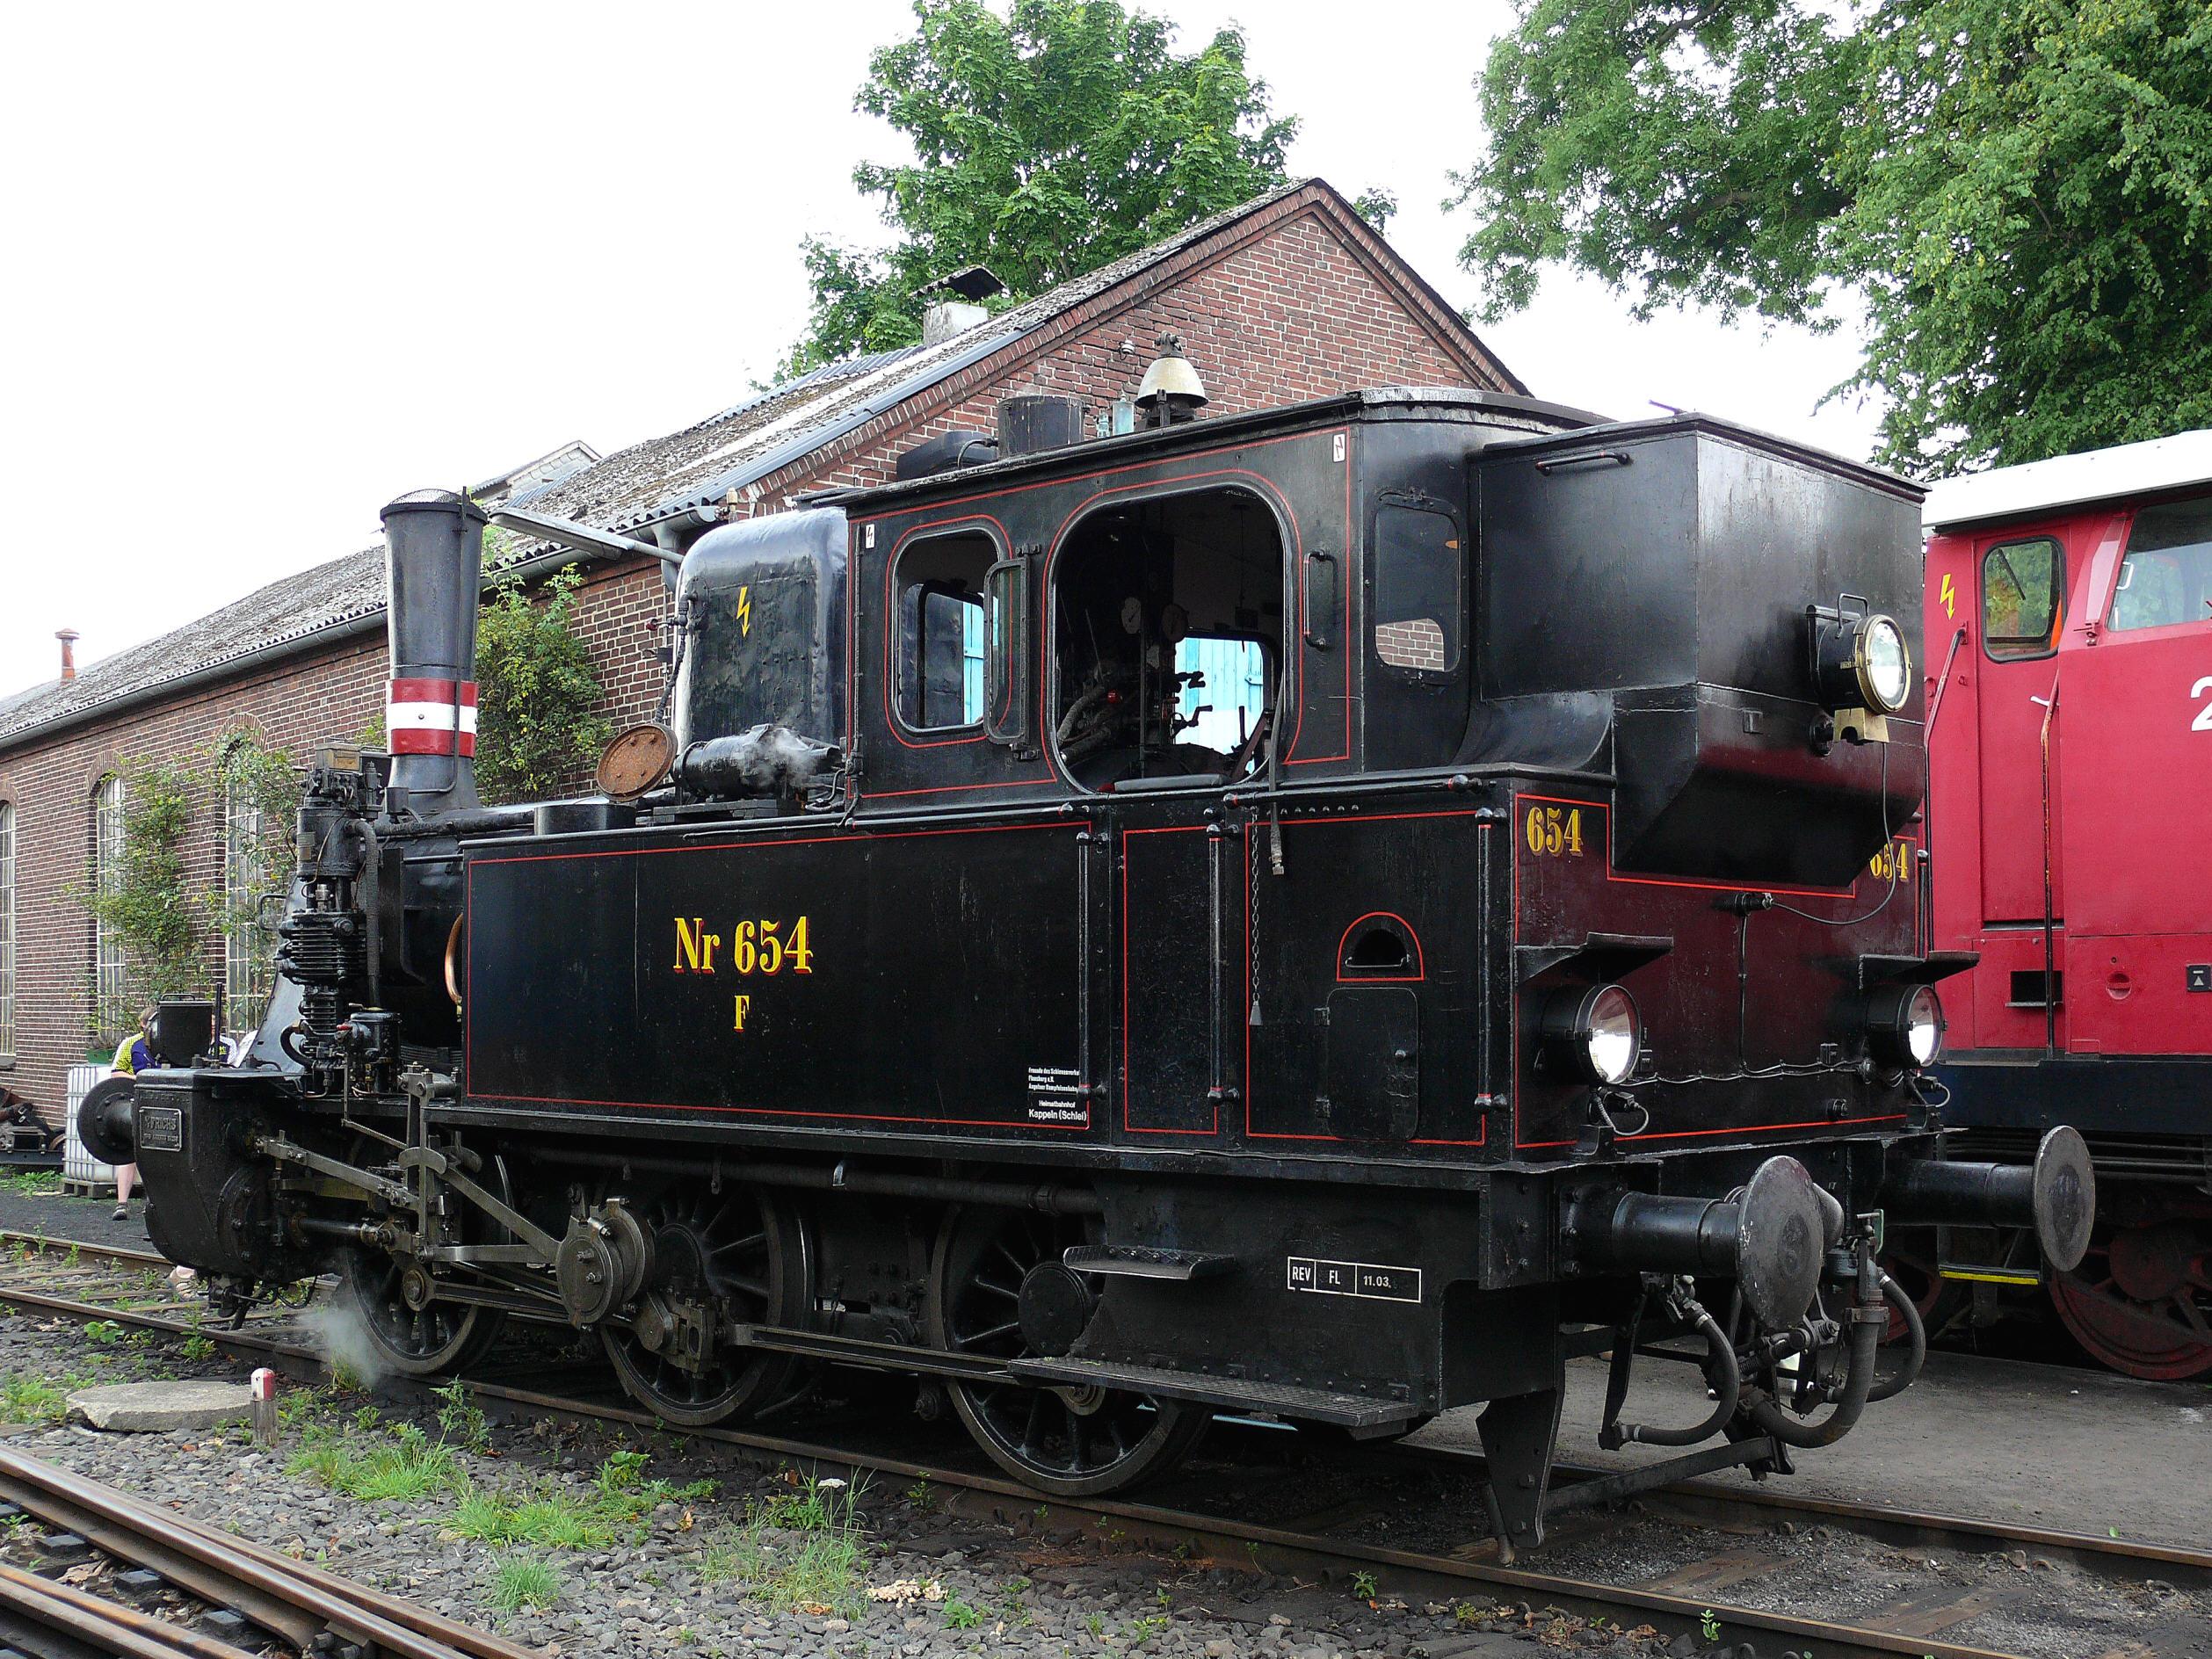 File:Litra F 654 Kappeln 07.2008 03.JPG